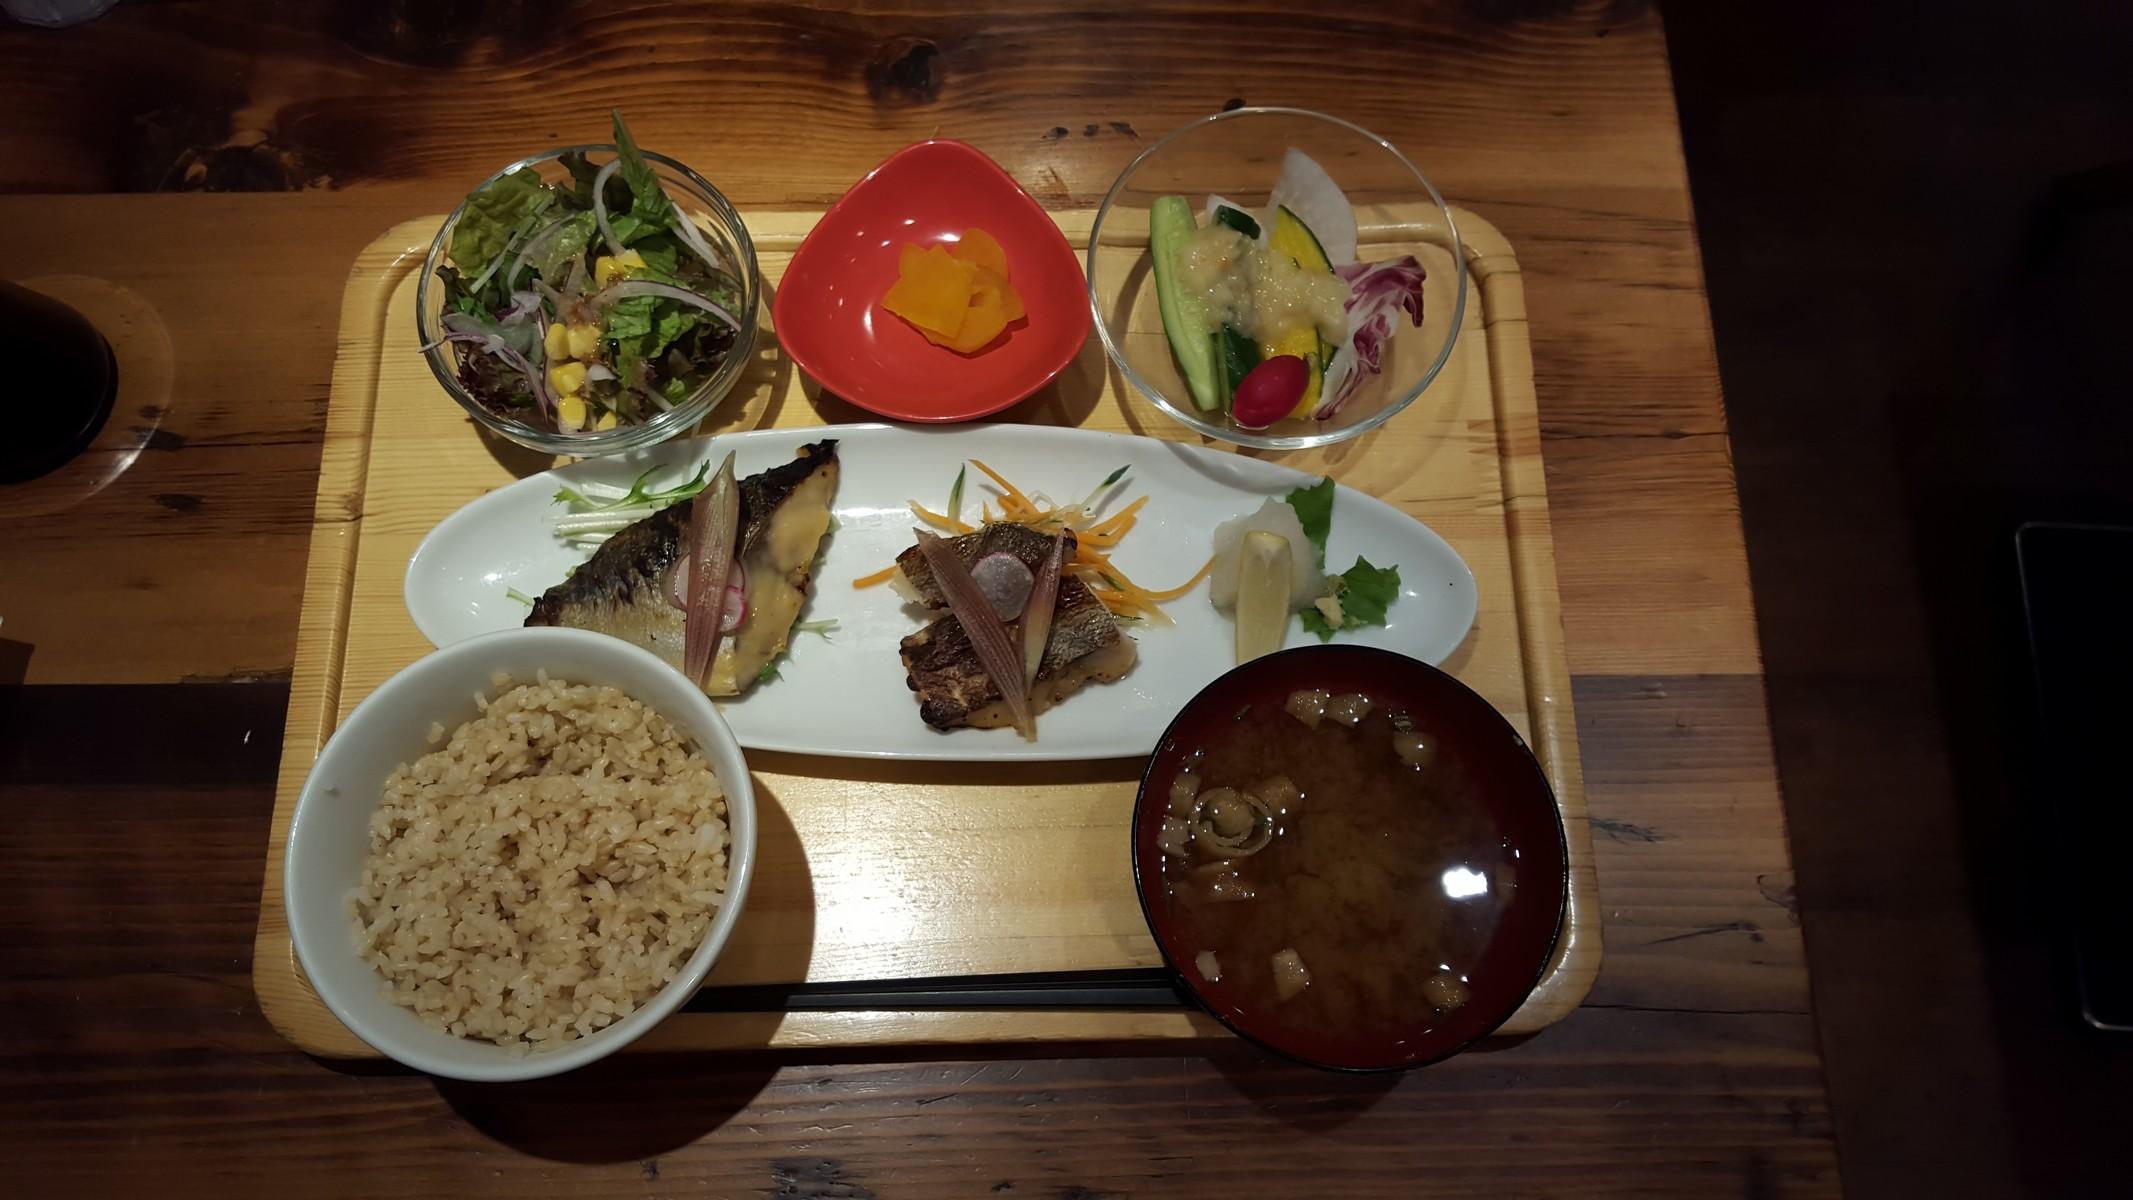 「本日の鮮魚 西京焼きと醤油麹焼の2点盛りサラダセット」【sakura食堂/六本木】